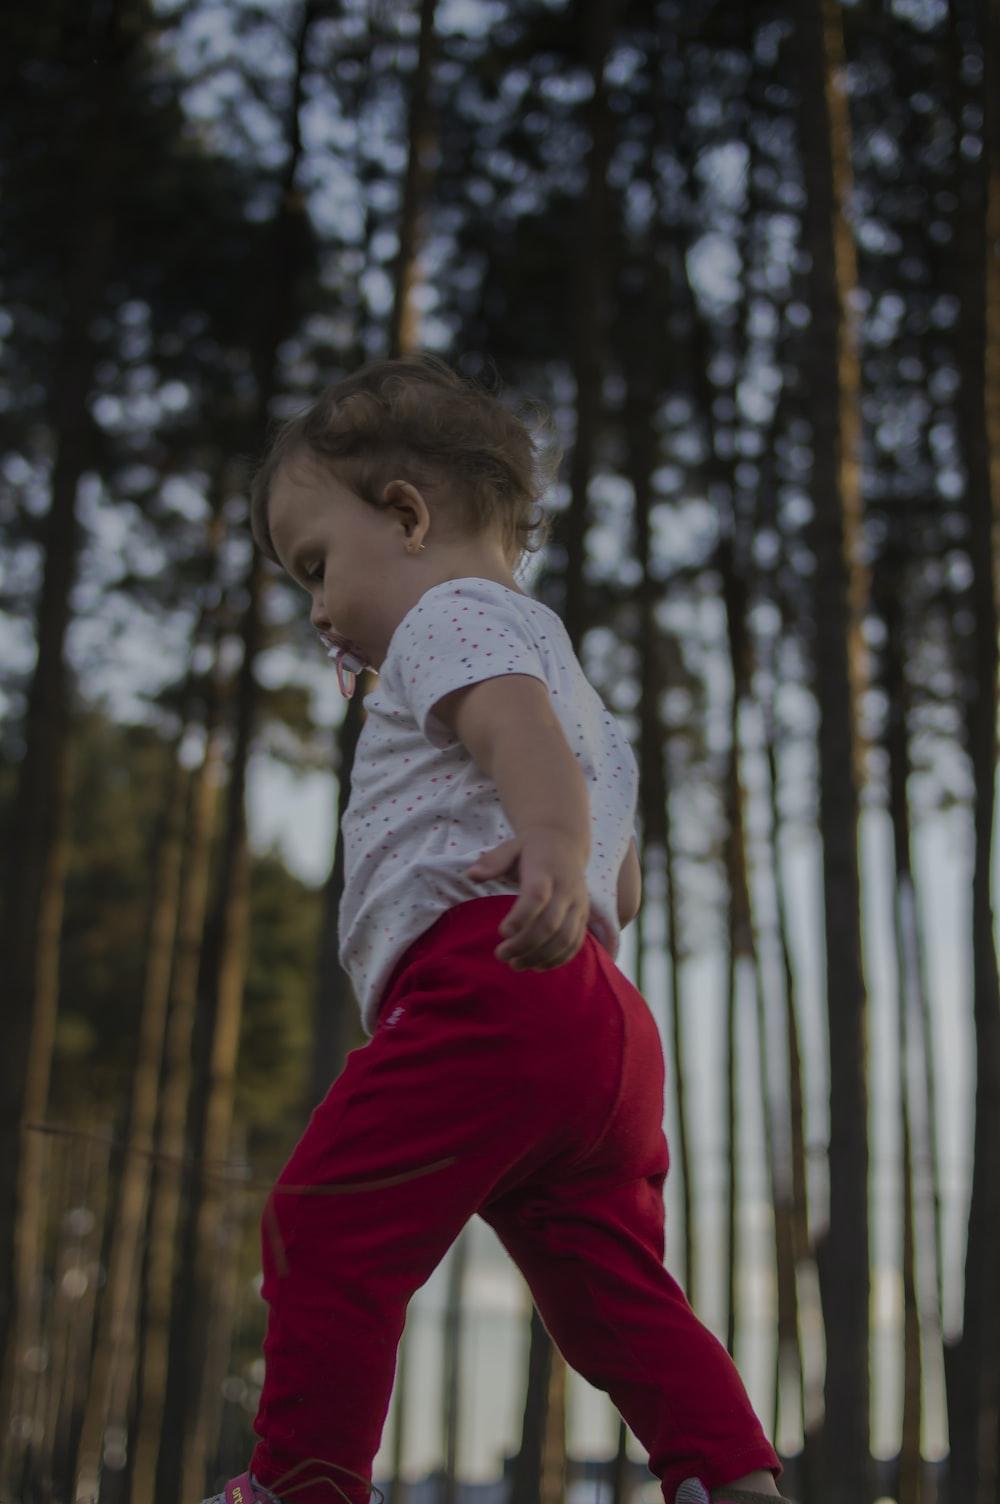 toddler walking near trees during daytime